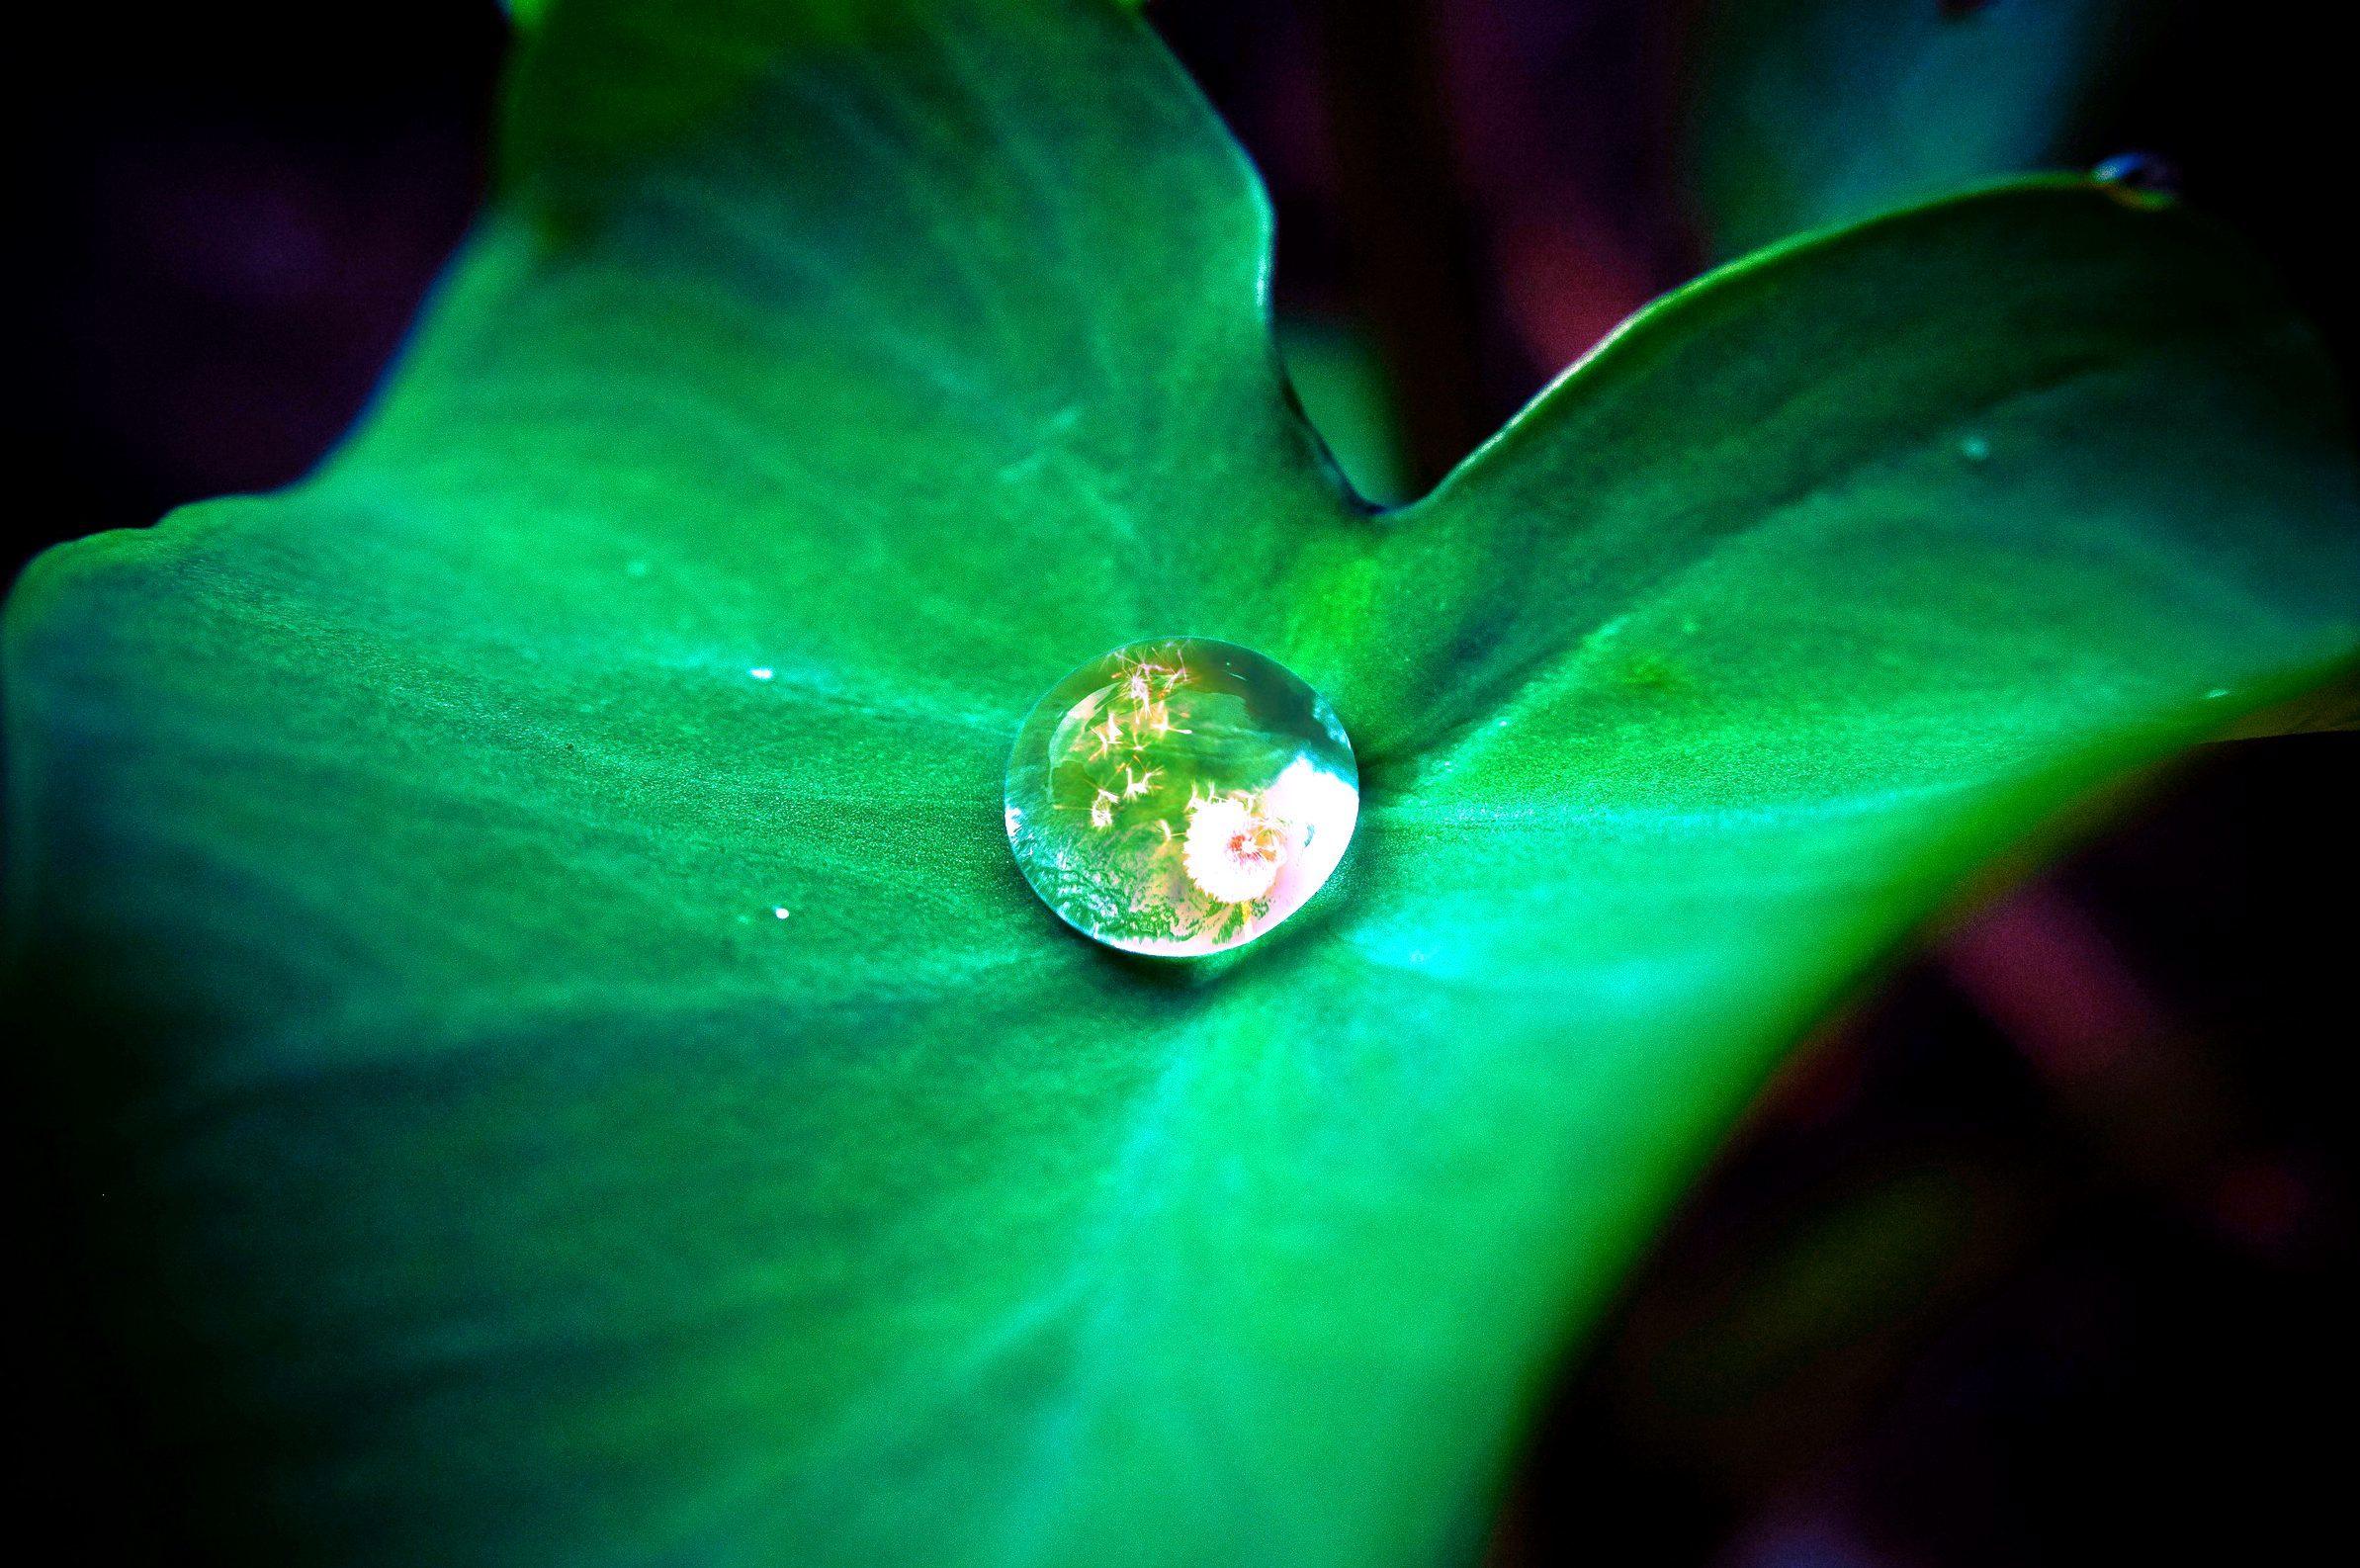 Droplet on leaf photo